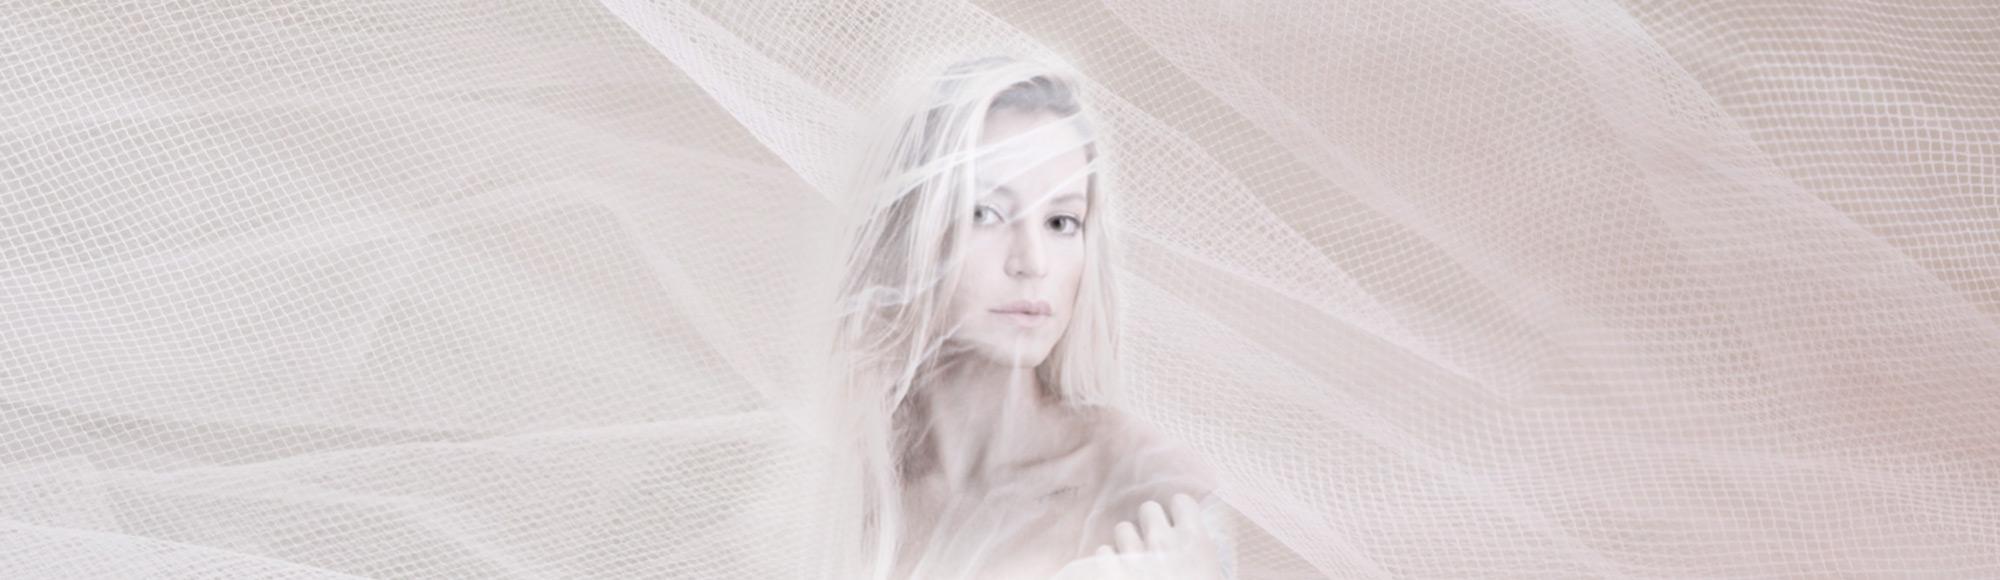 Imagem de background com blur